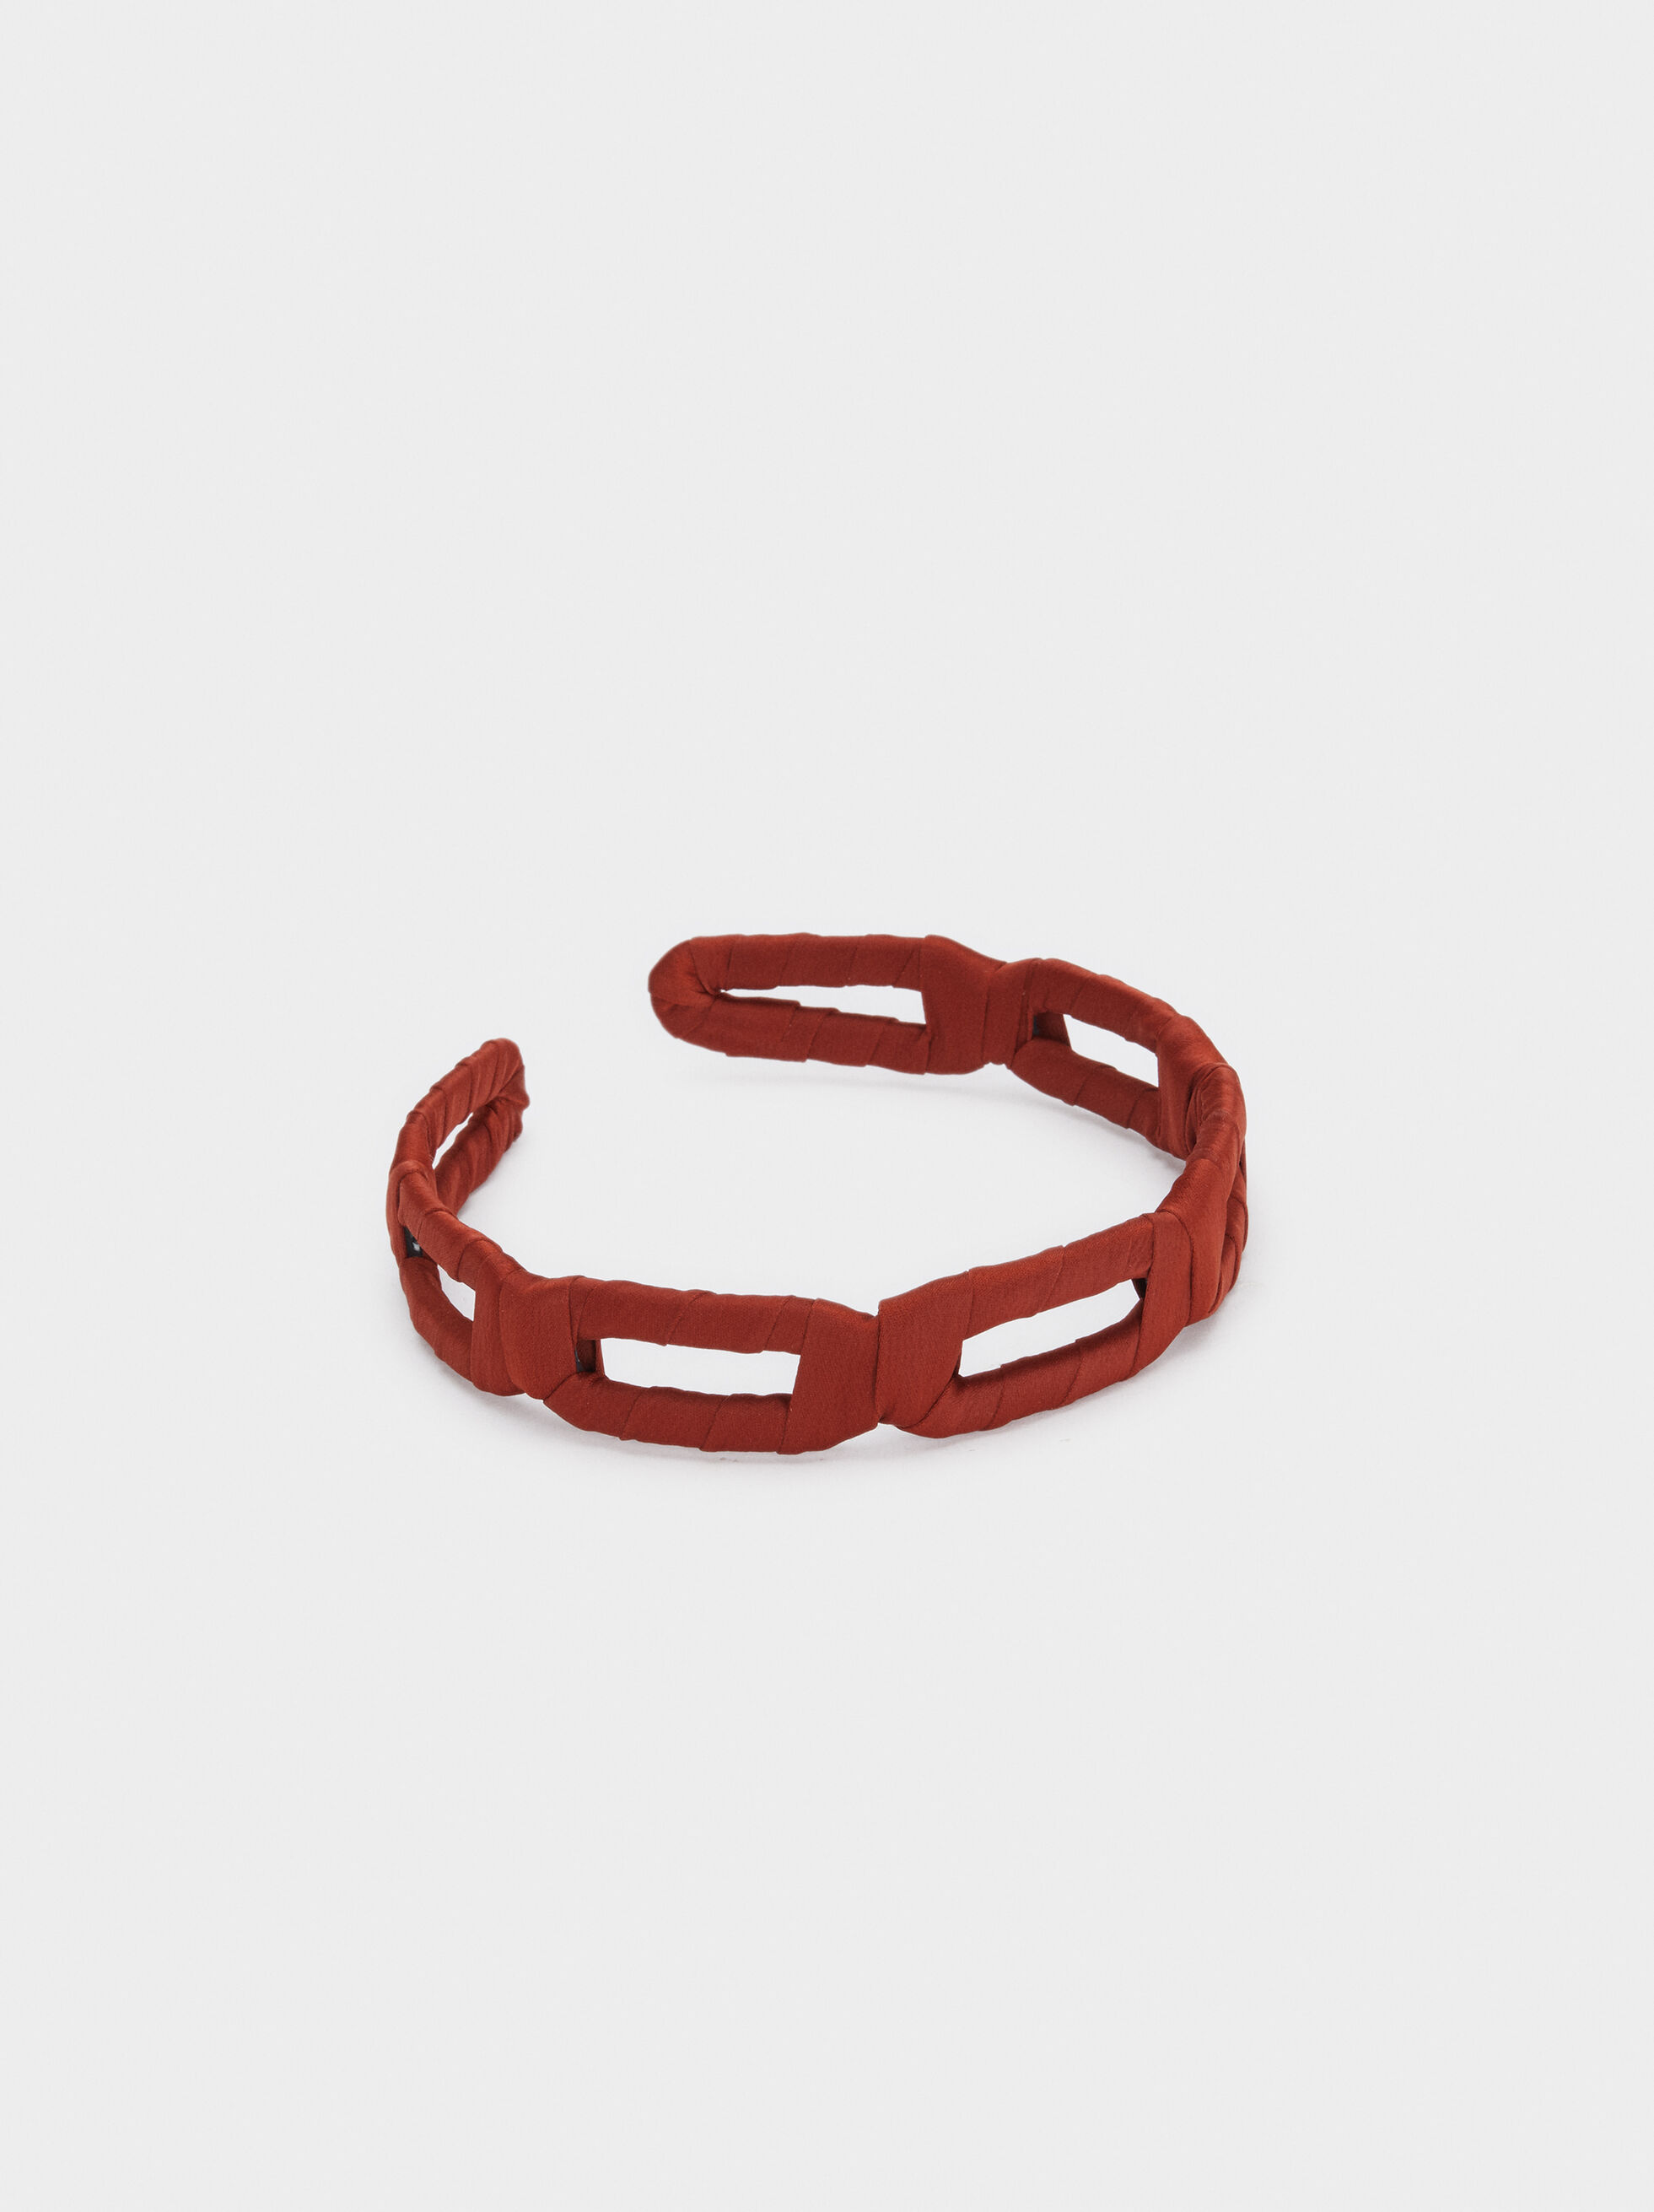 Rigid Fabric Headband, Brick Red, hi-res